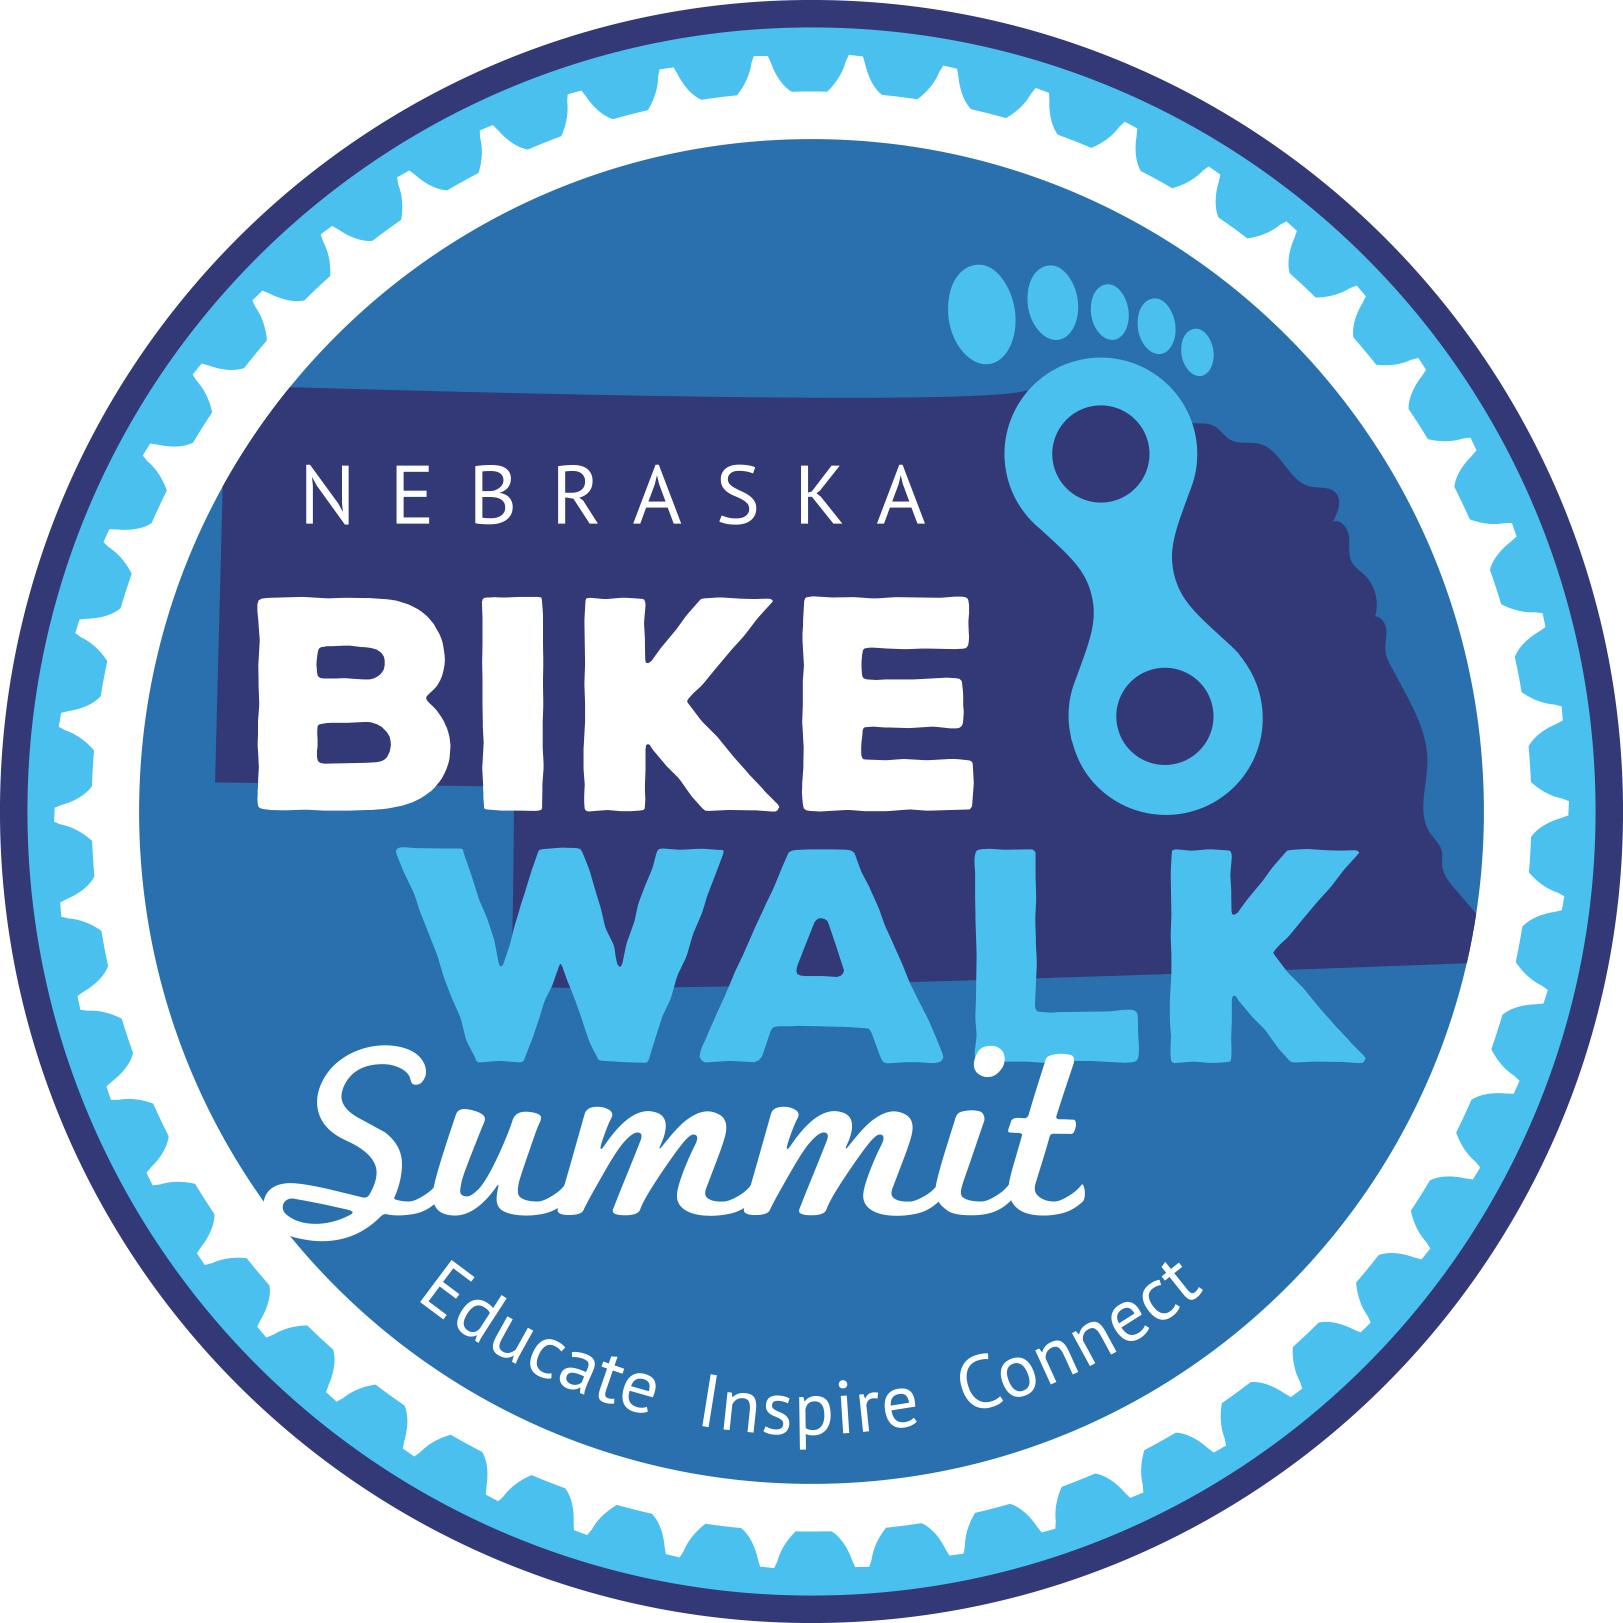 2019 Bike Walk Summit Registration is Open!